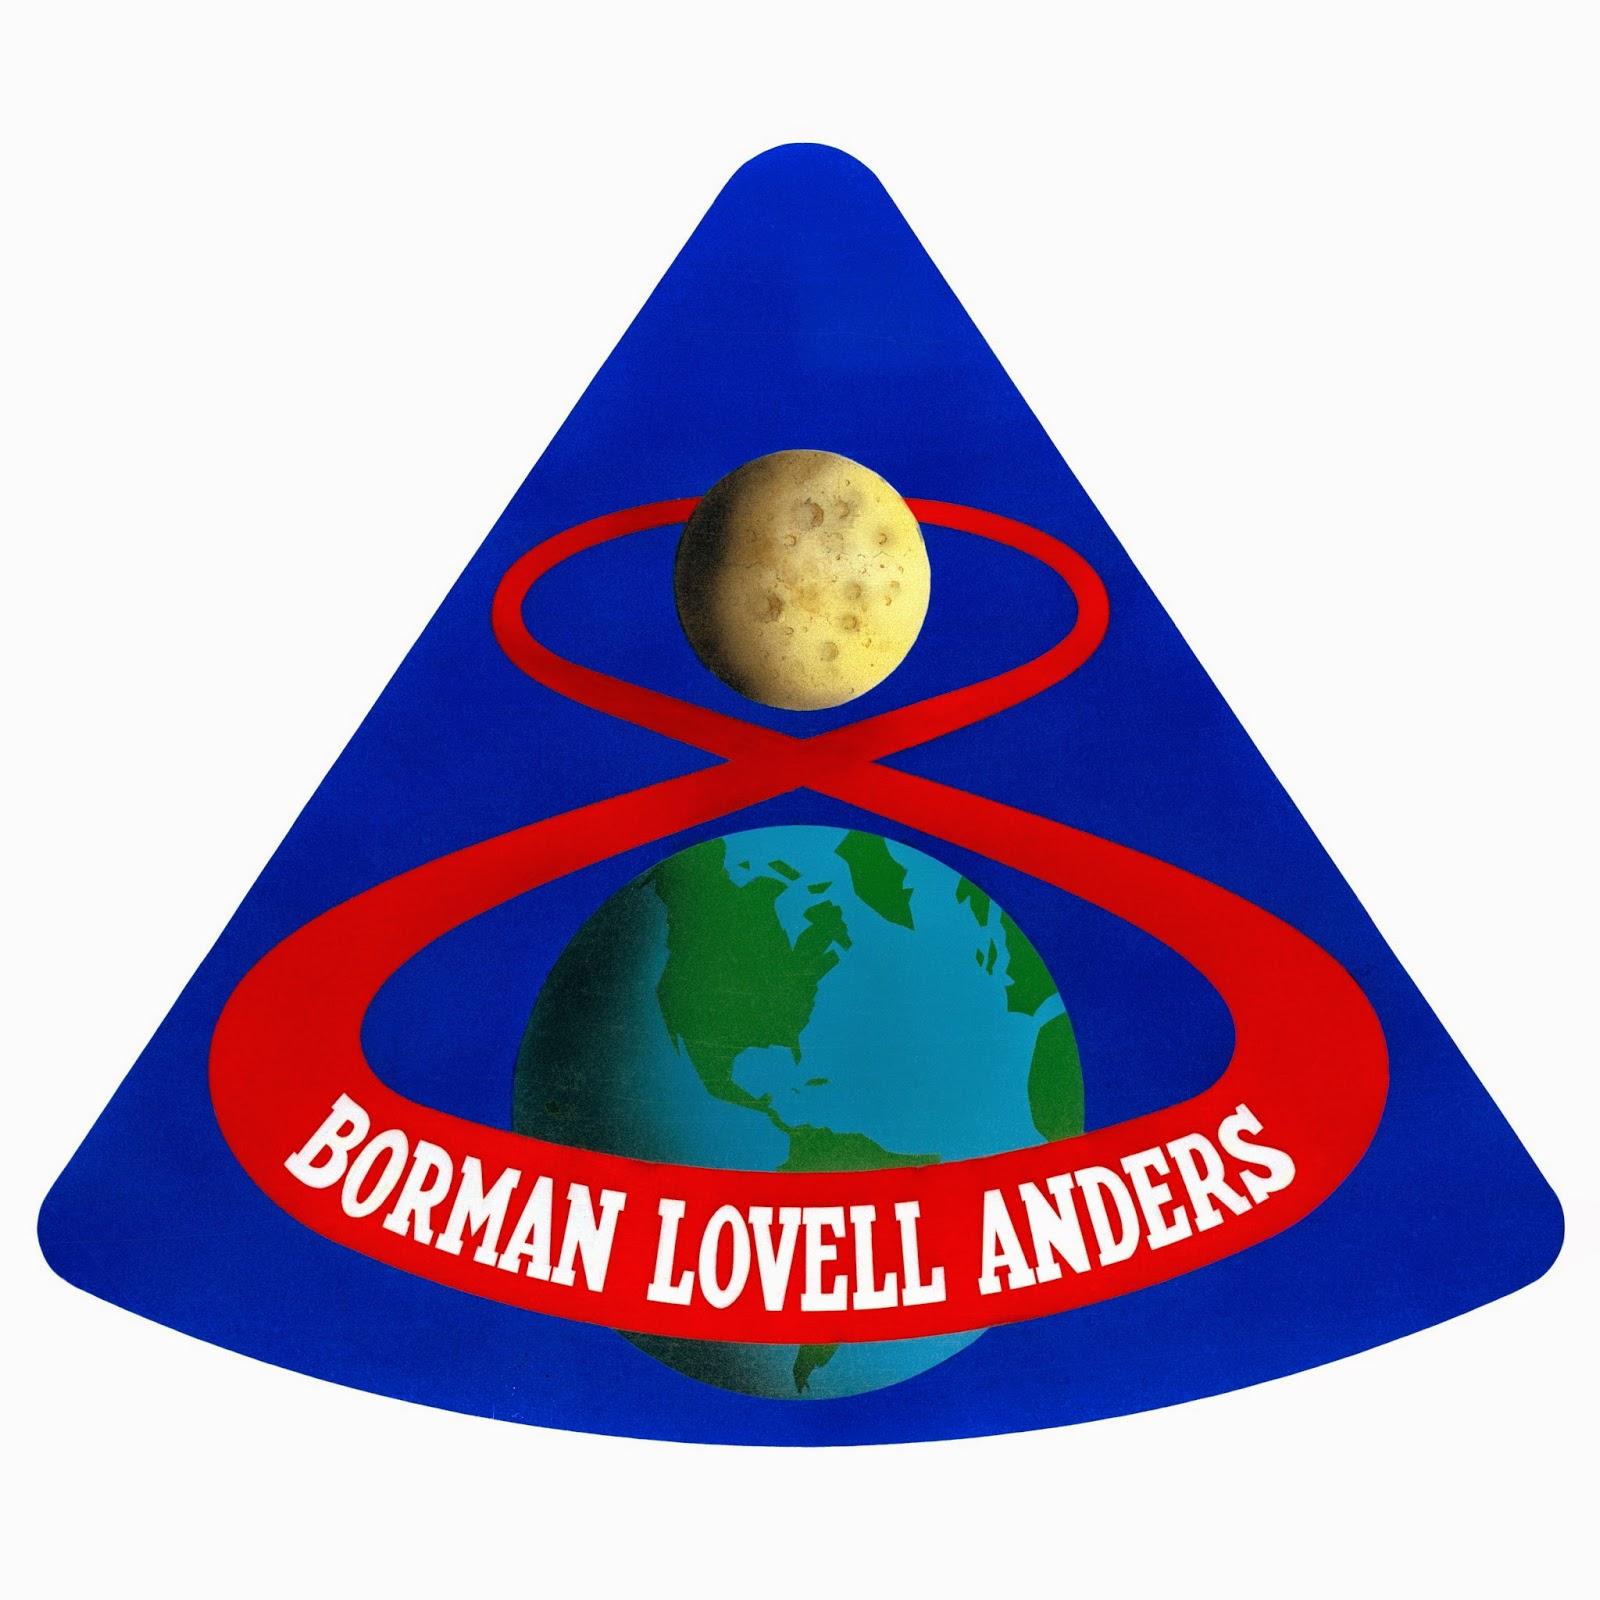 Insigina del Apolo 8